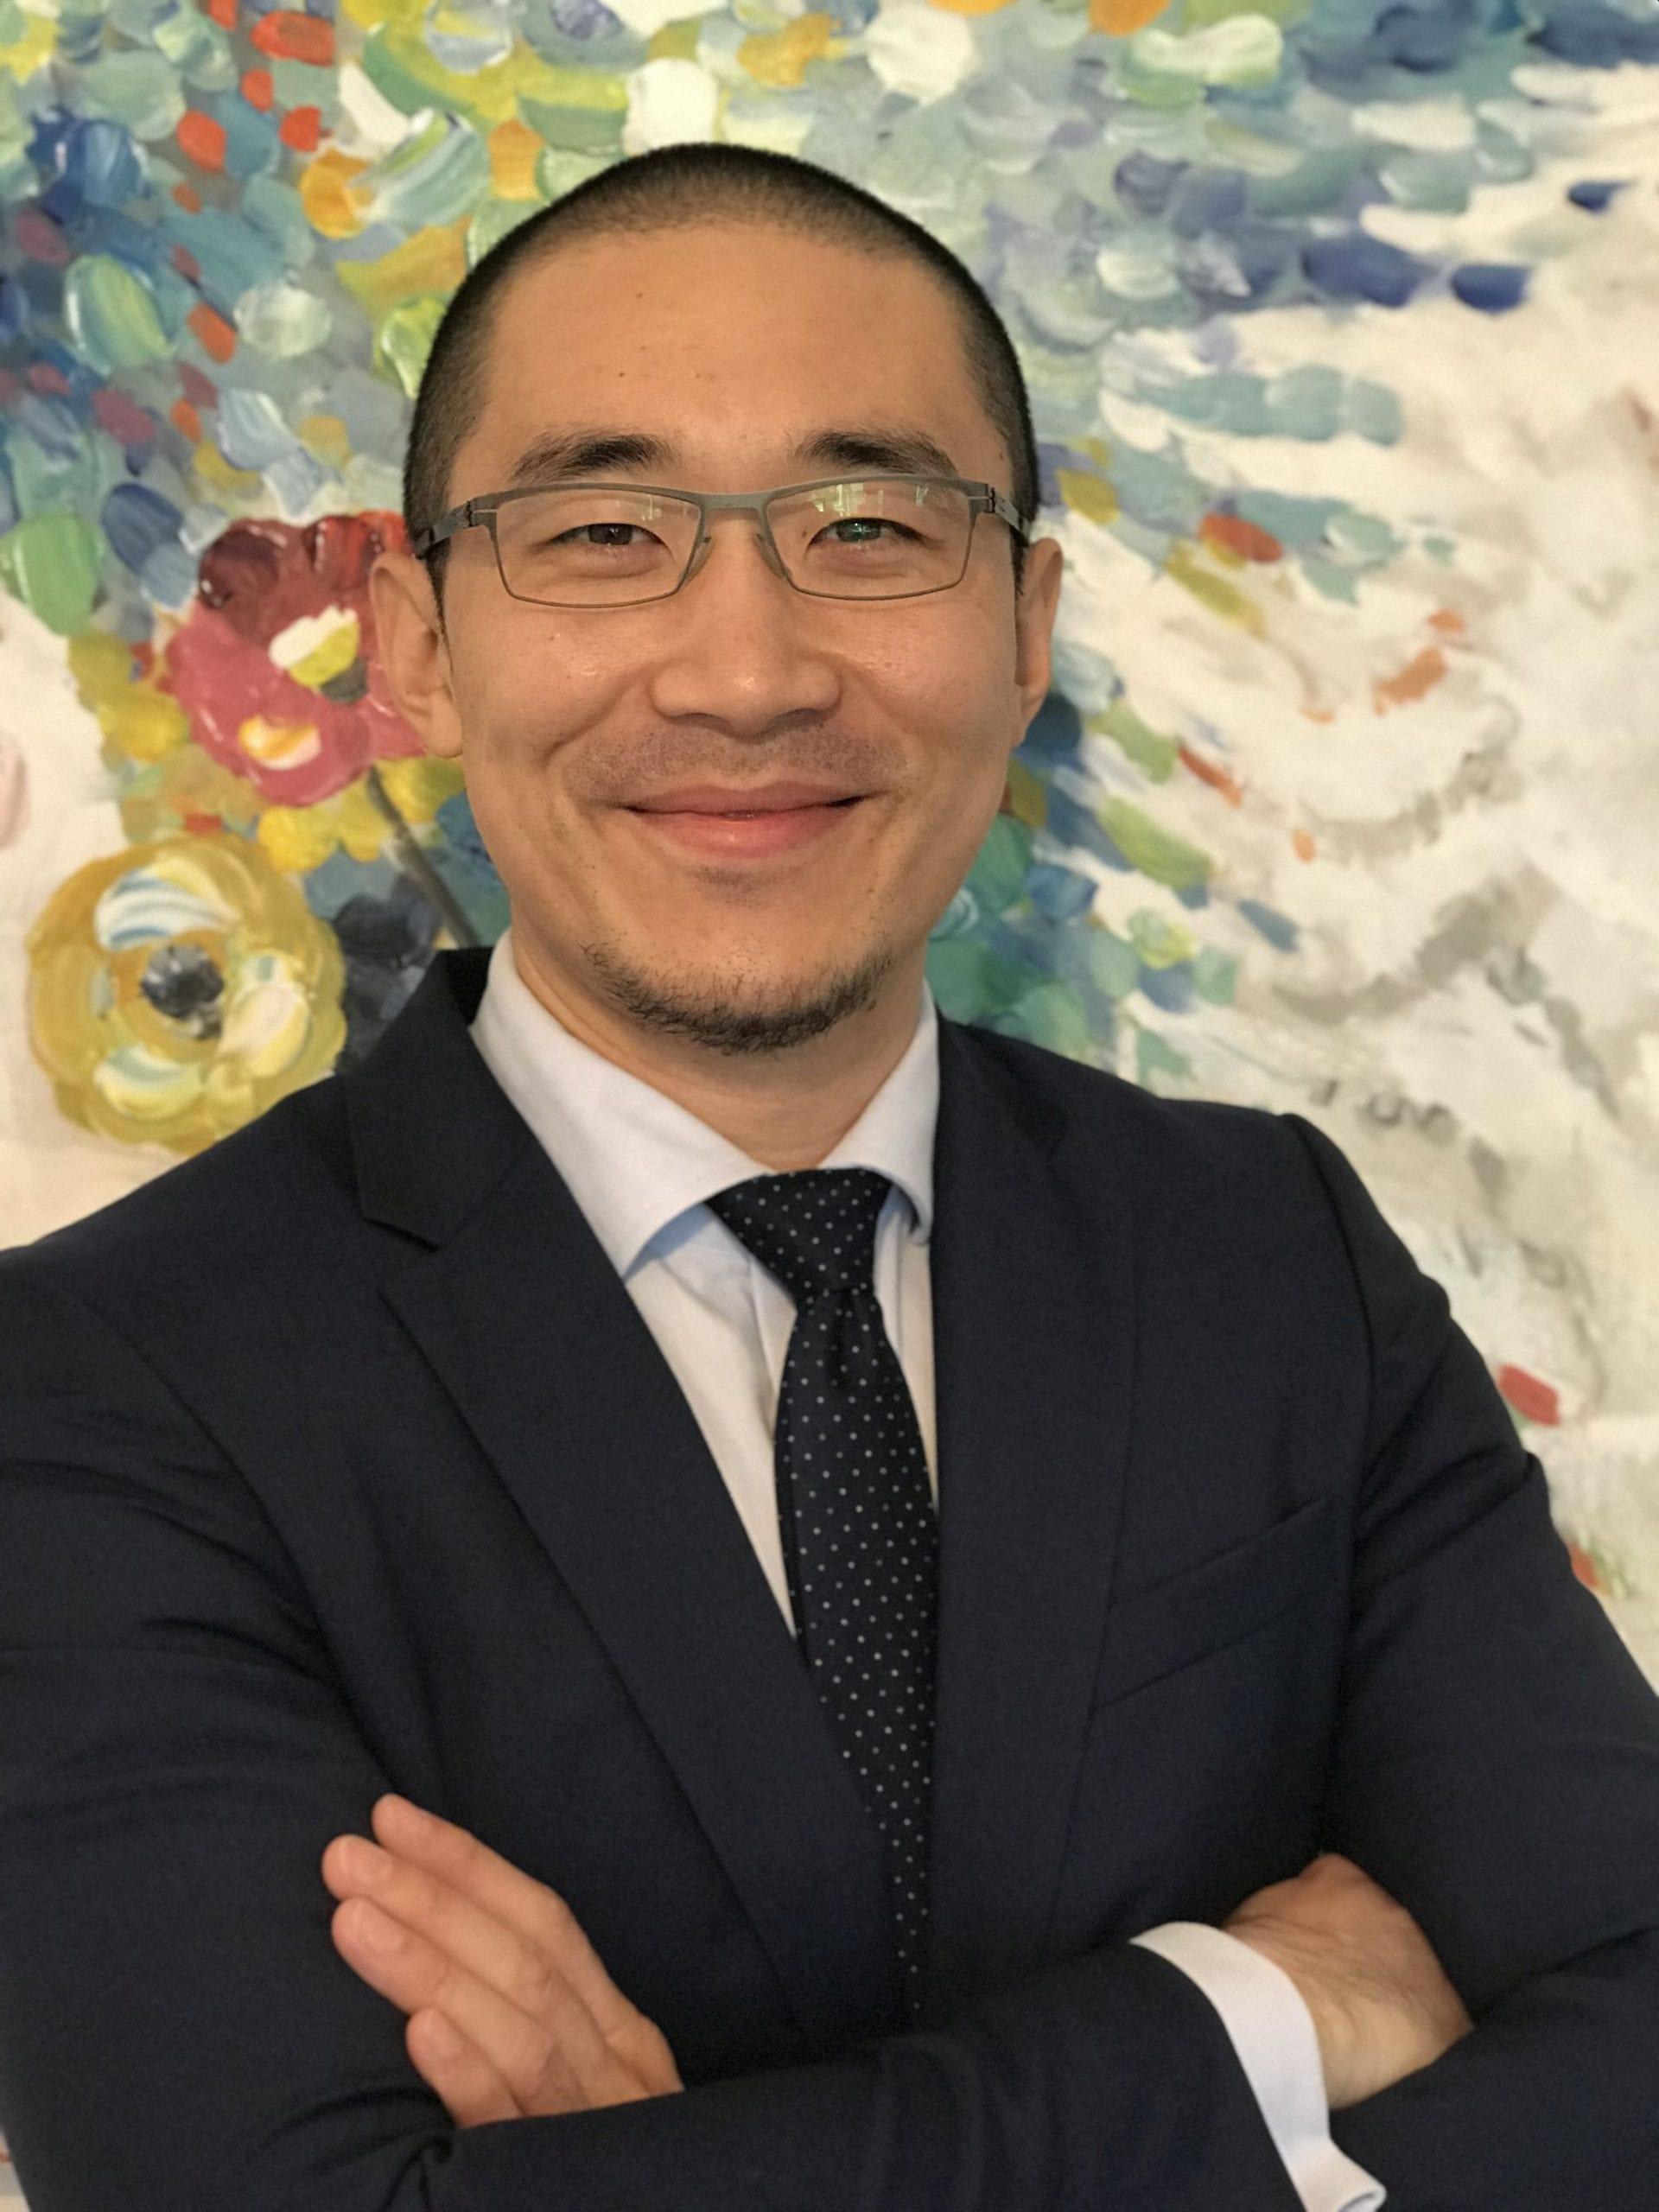 Jason Jiao